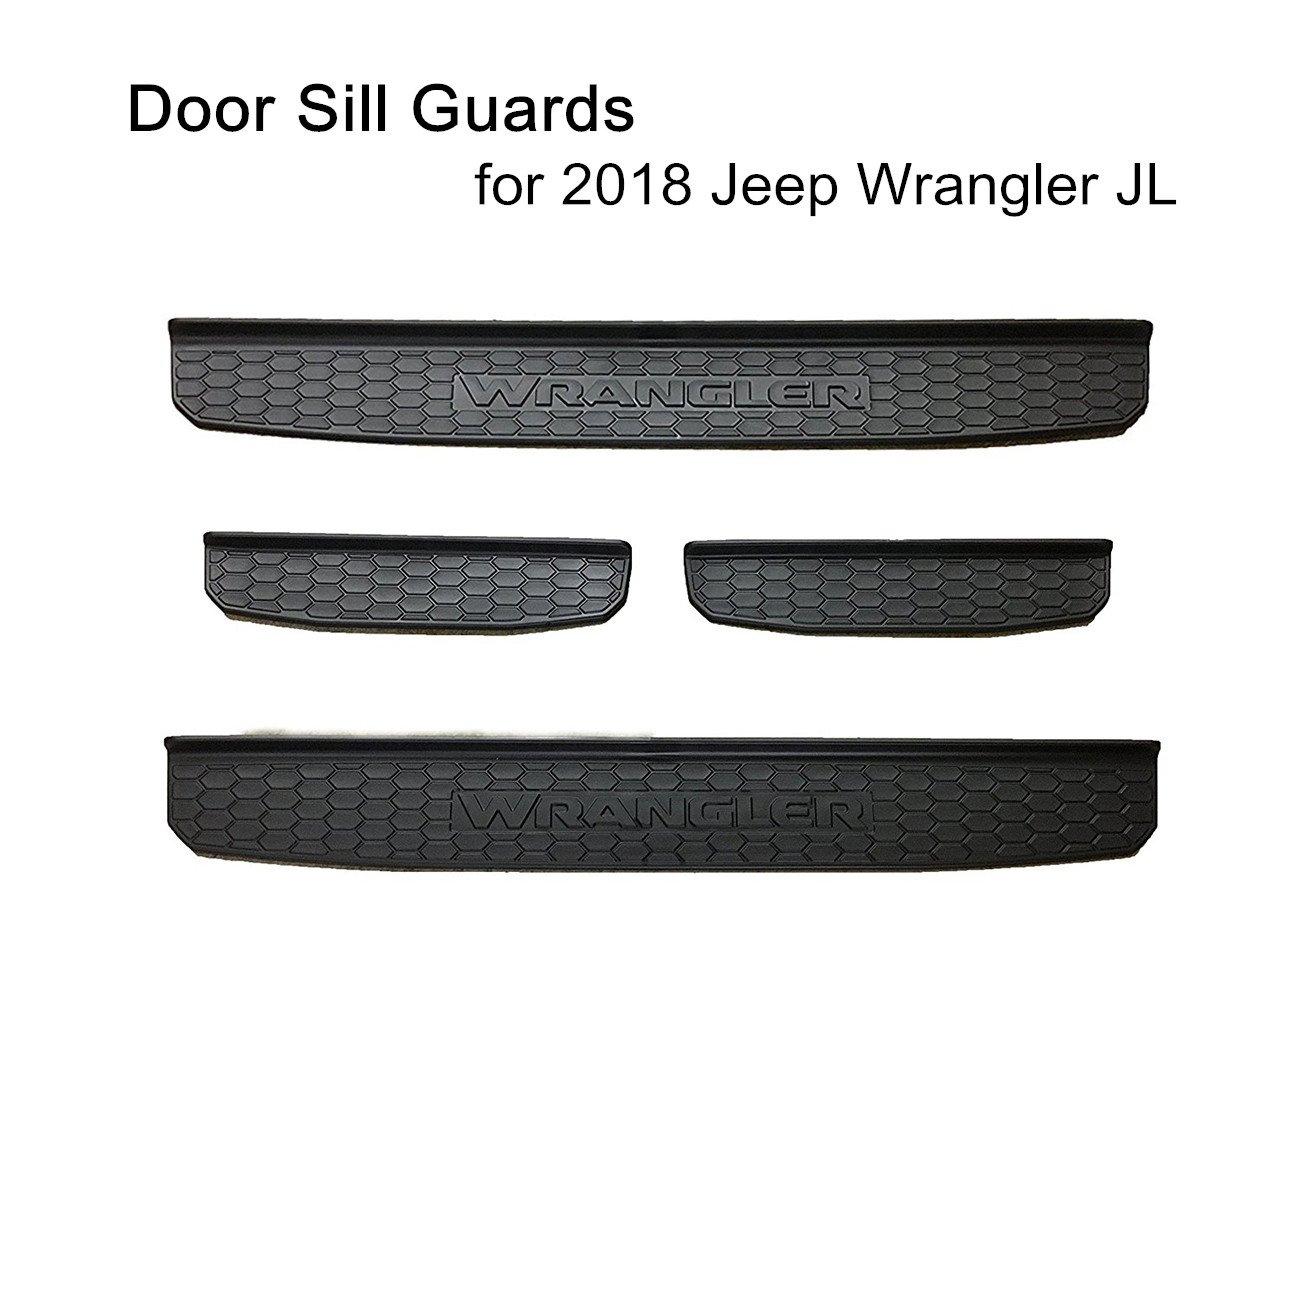 SXMA 2018 Jeep Wrangler Black Door Sill Guards,4-Door Plastic Black 4-Door JL Models SXMA Group